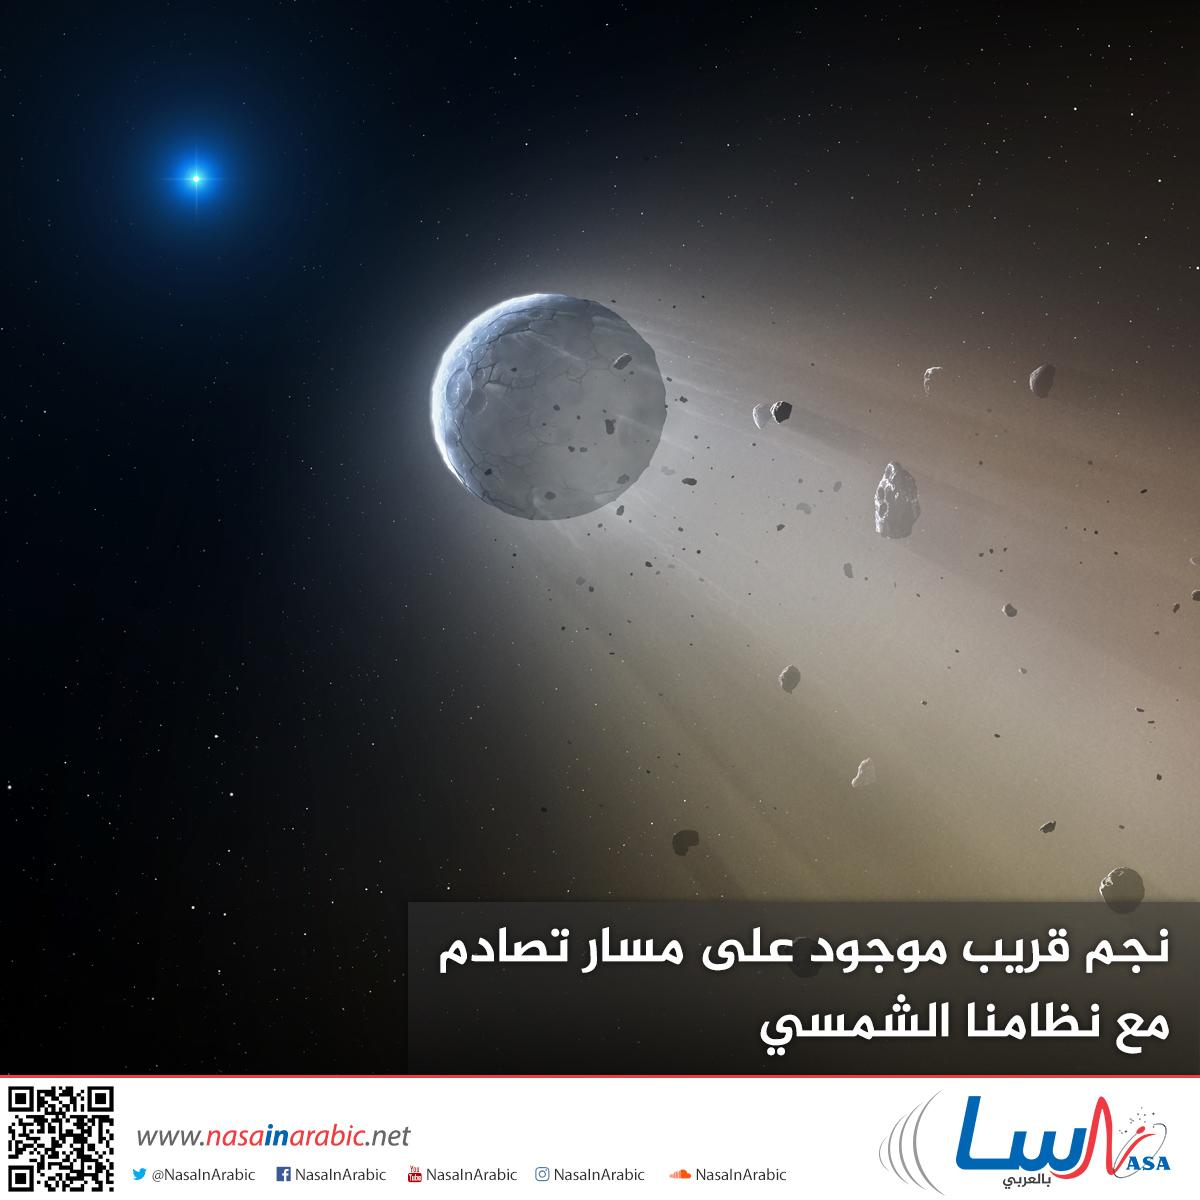 نجم قريب موجود على مسار تصادم مع نظامنا الشمسي